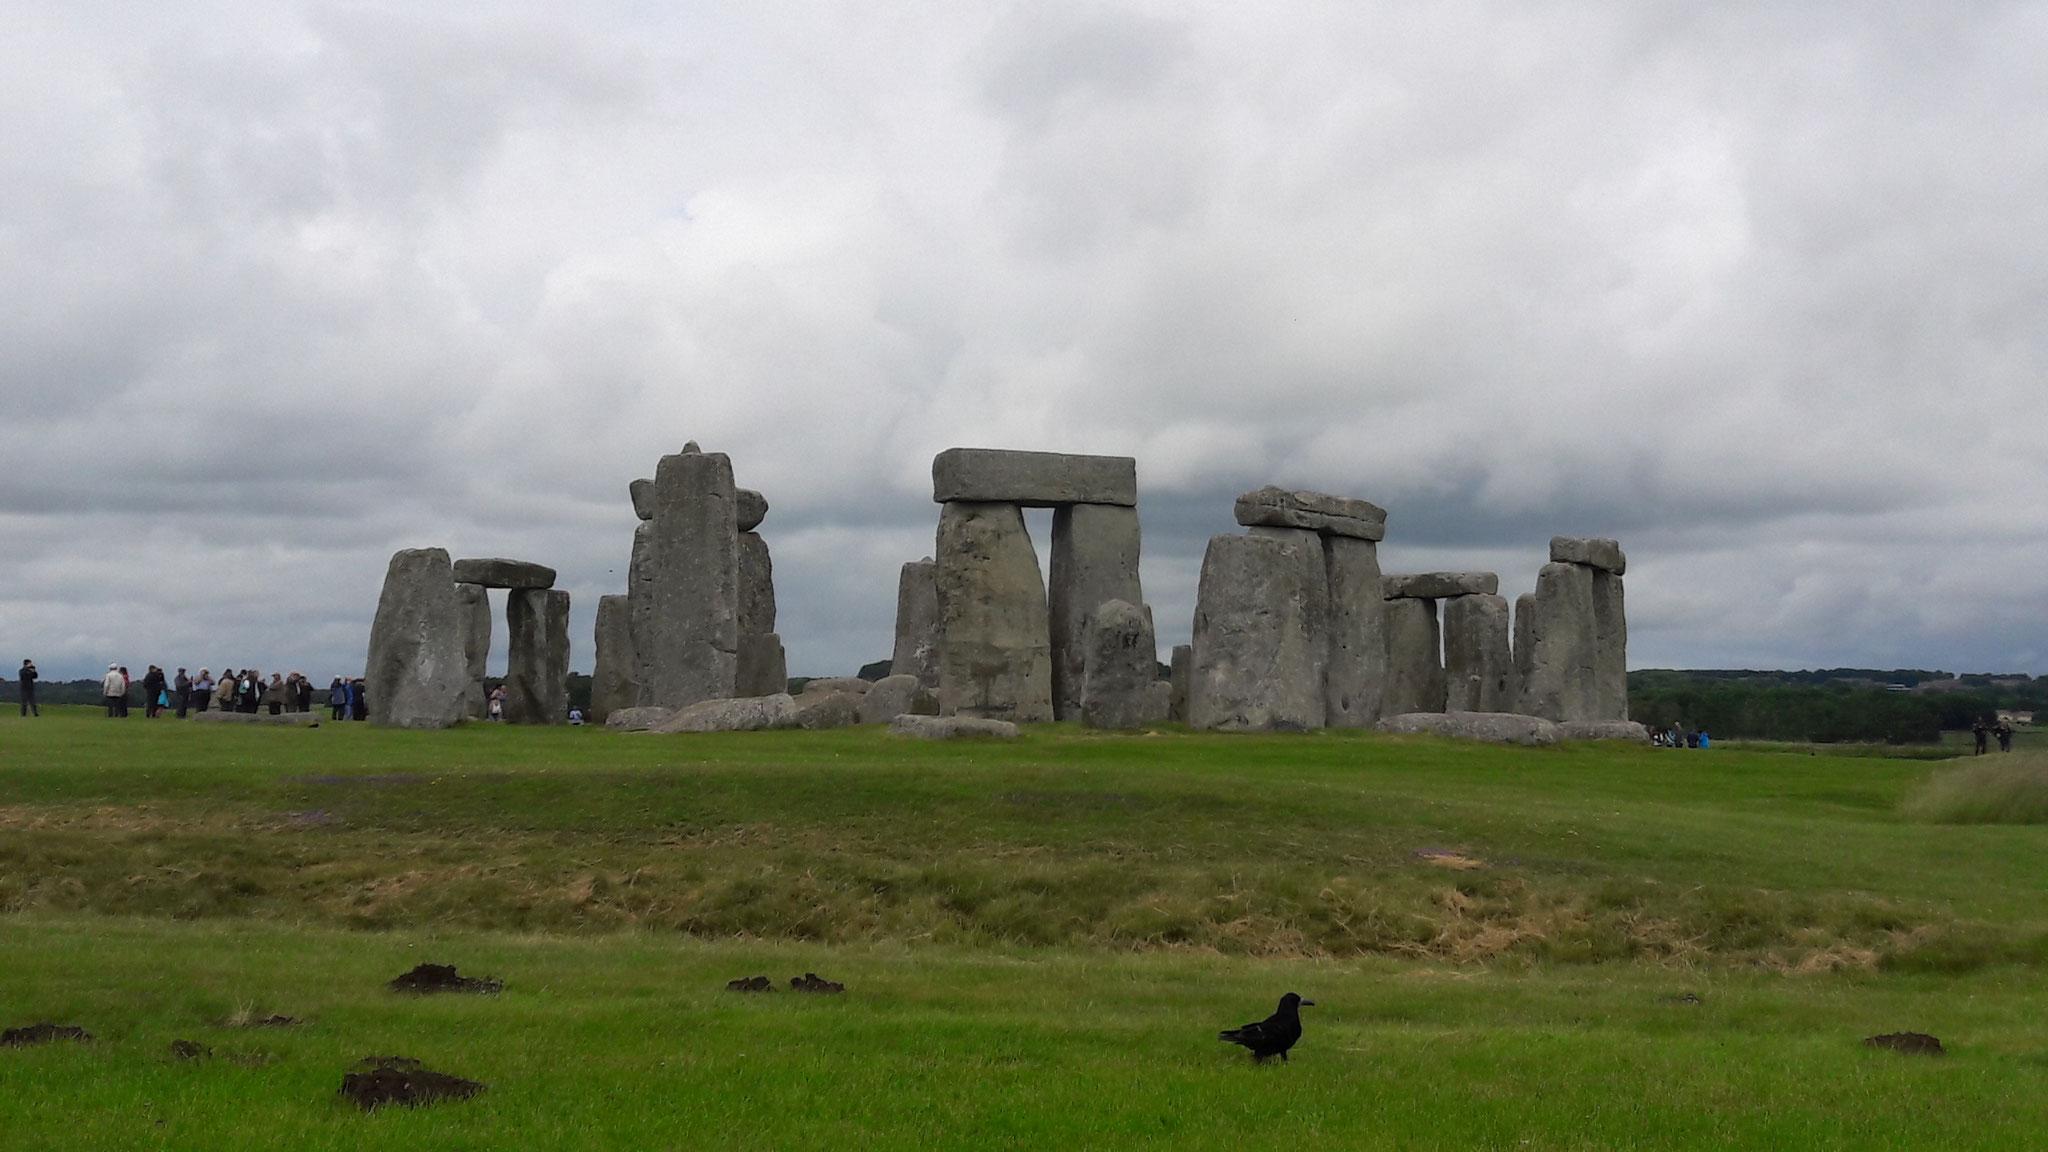 die sind über 5000 Jahre alt und wirklich riesig